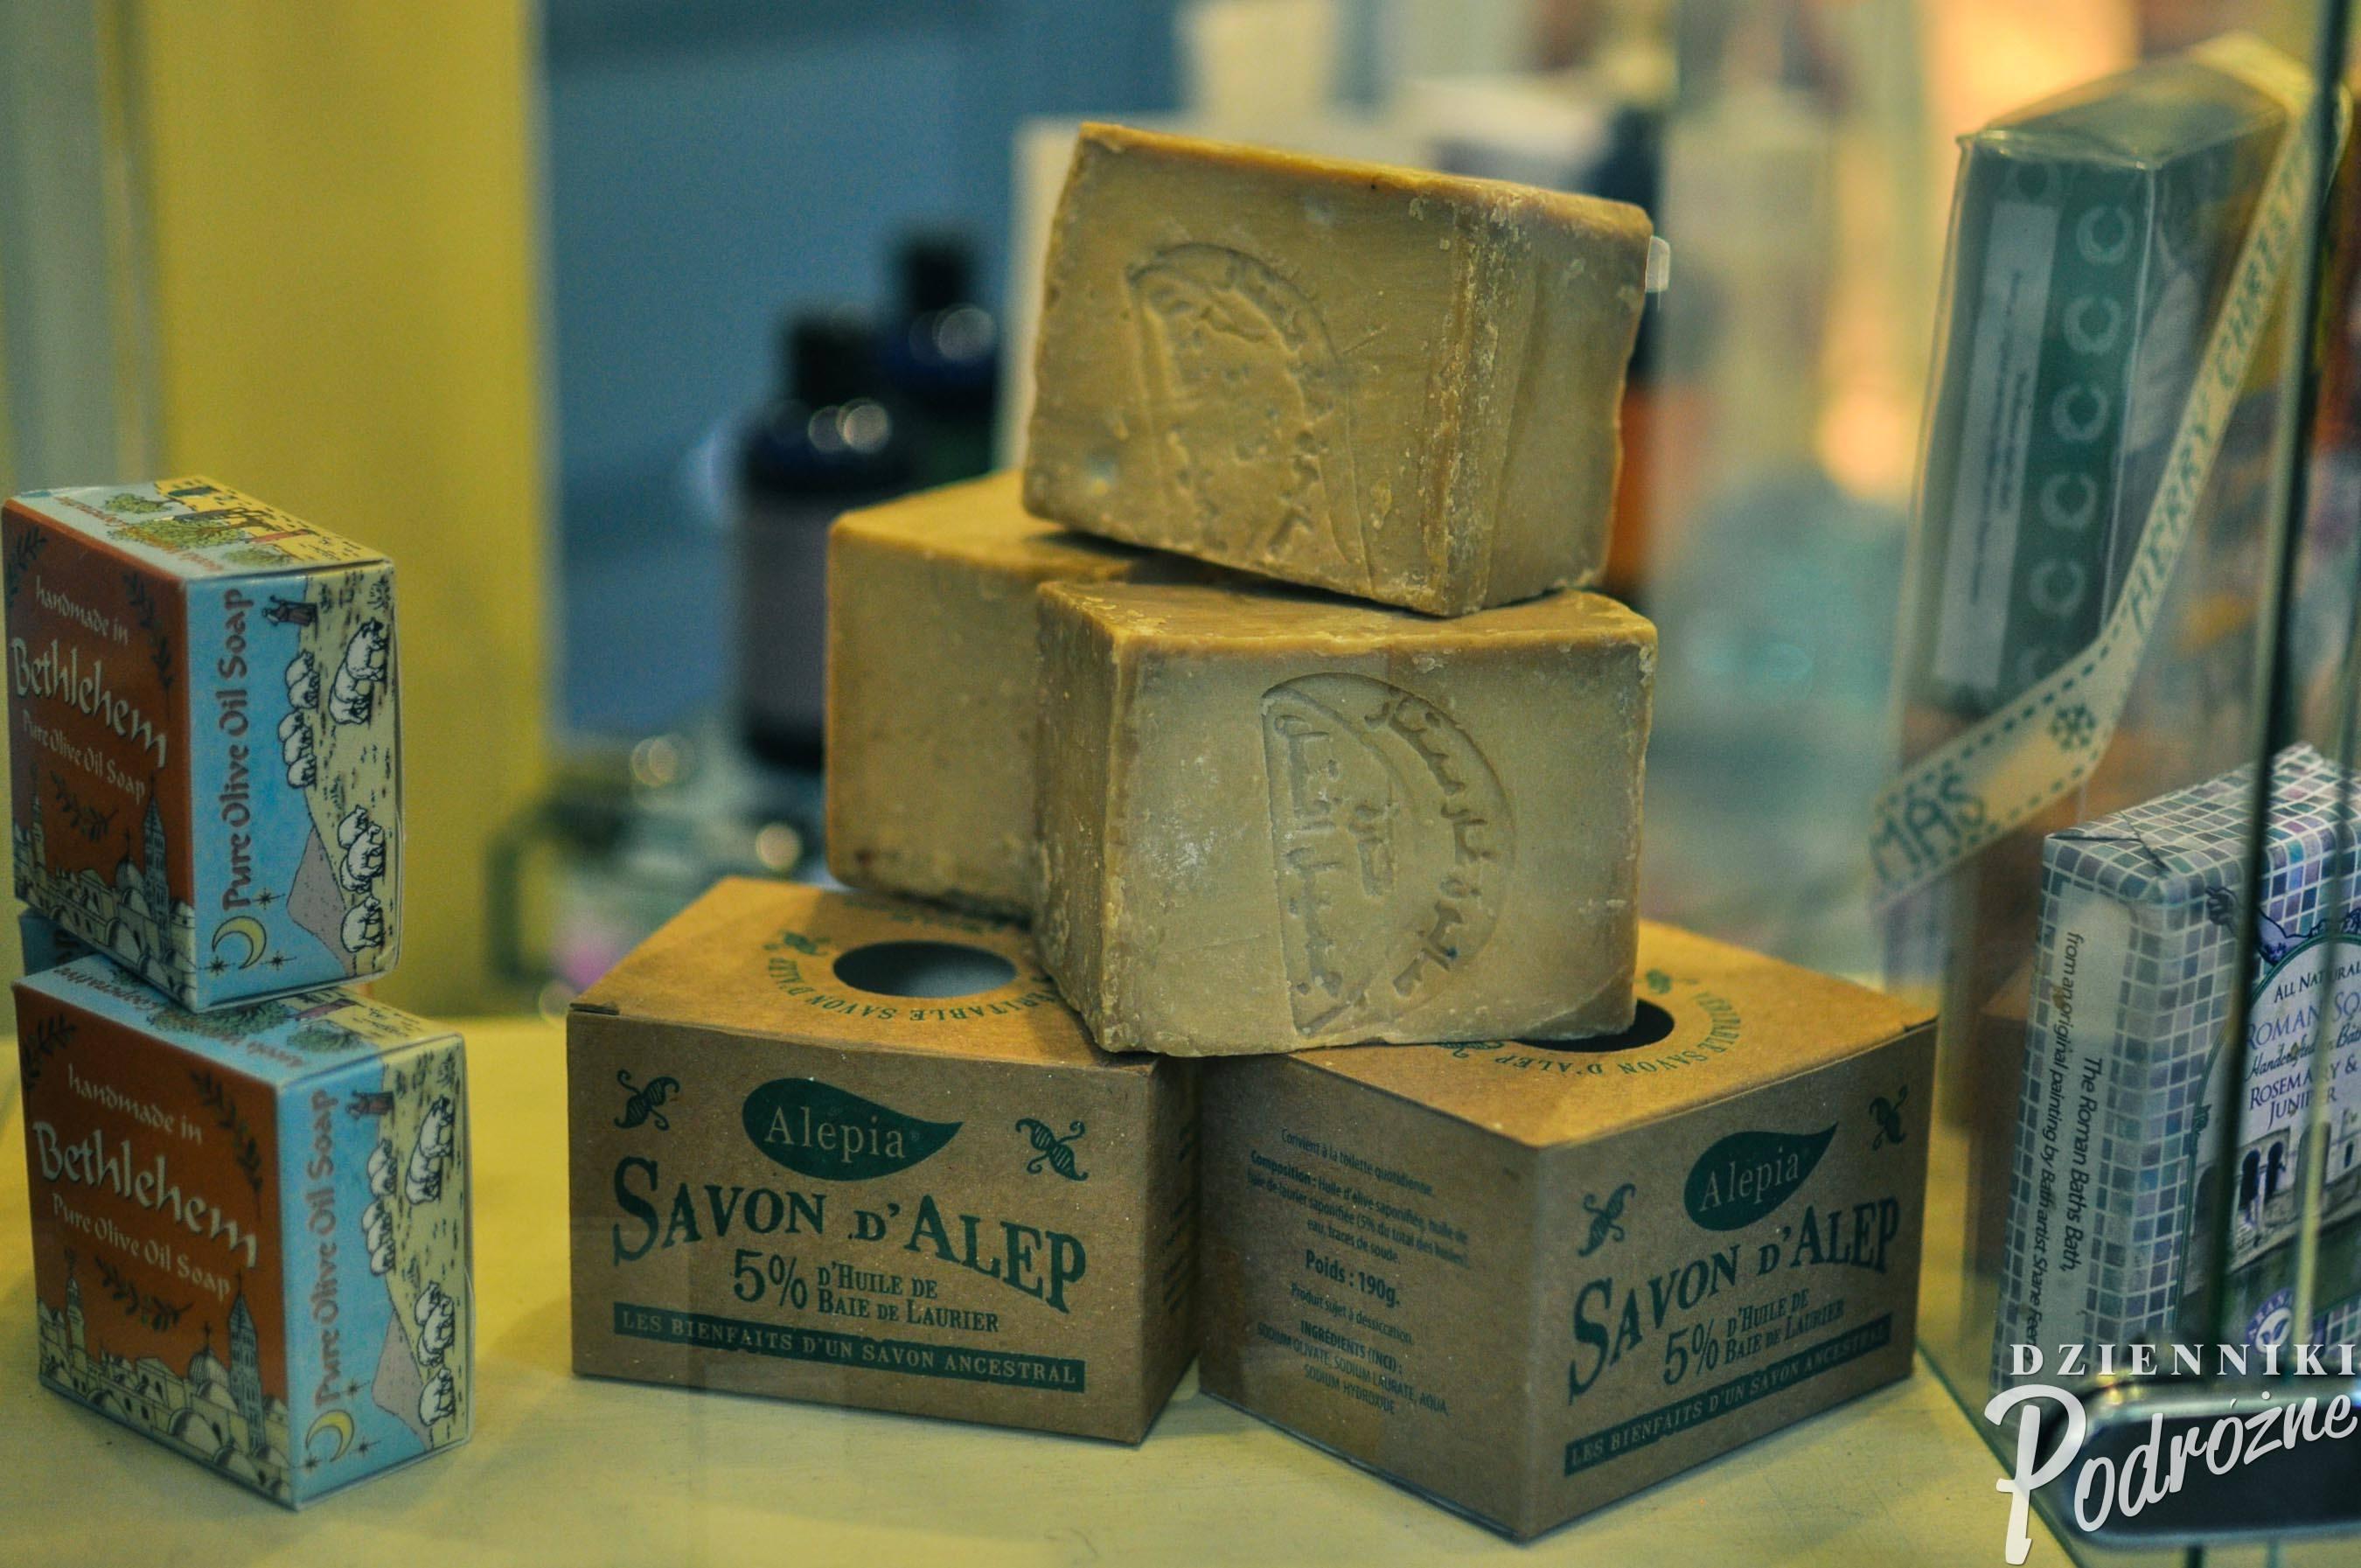 Bath, Wielka Brytania (mydła z Aleppo - cena ponad 20 x wyższa niż w Syrii)